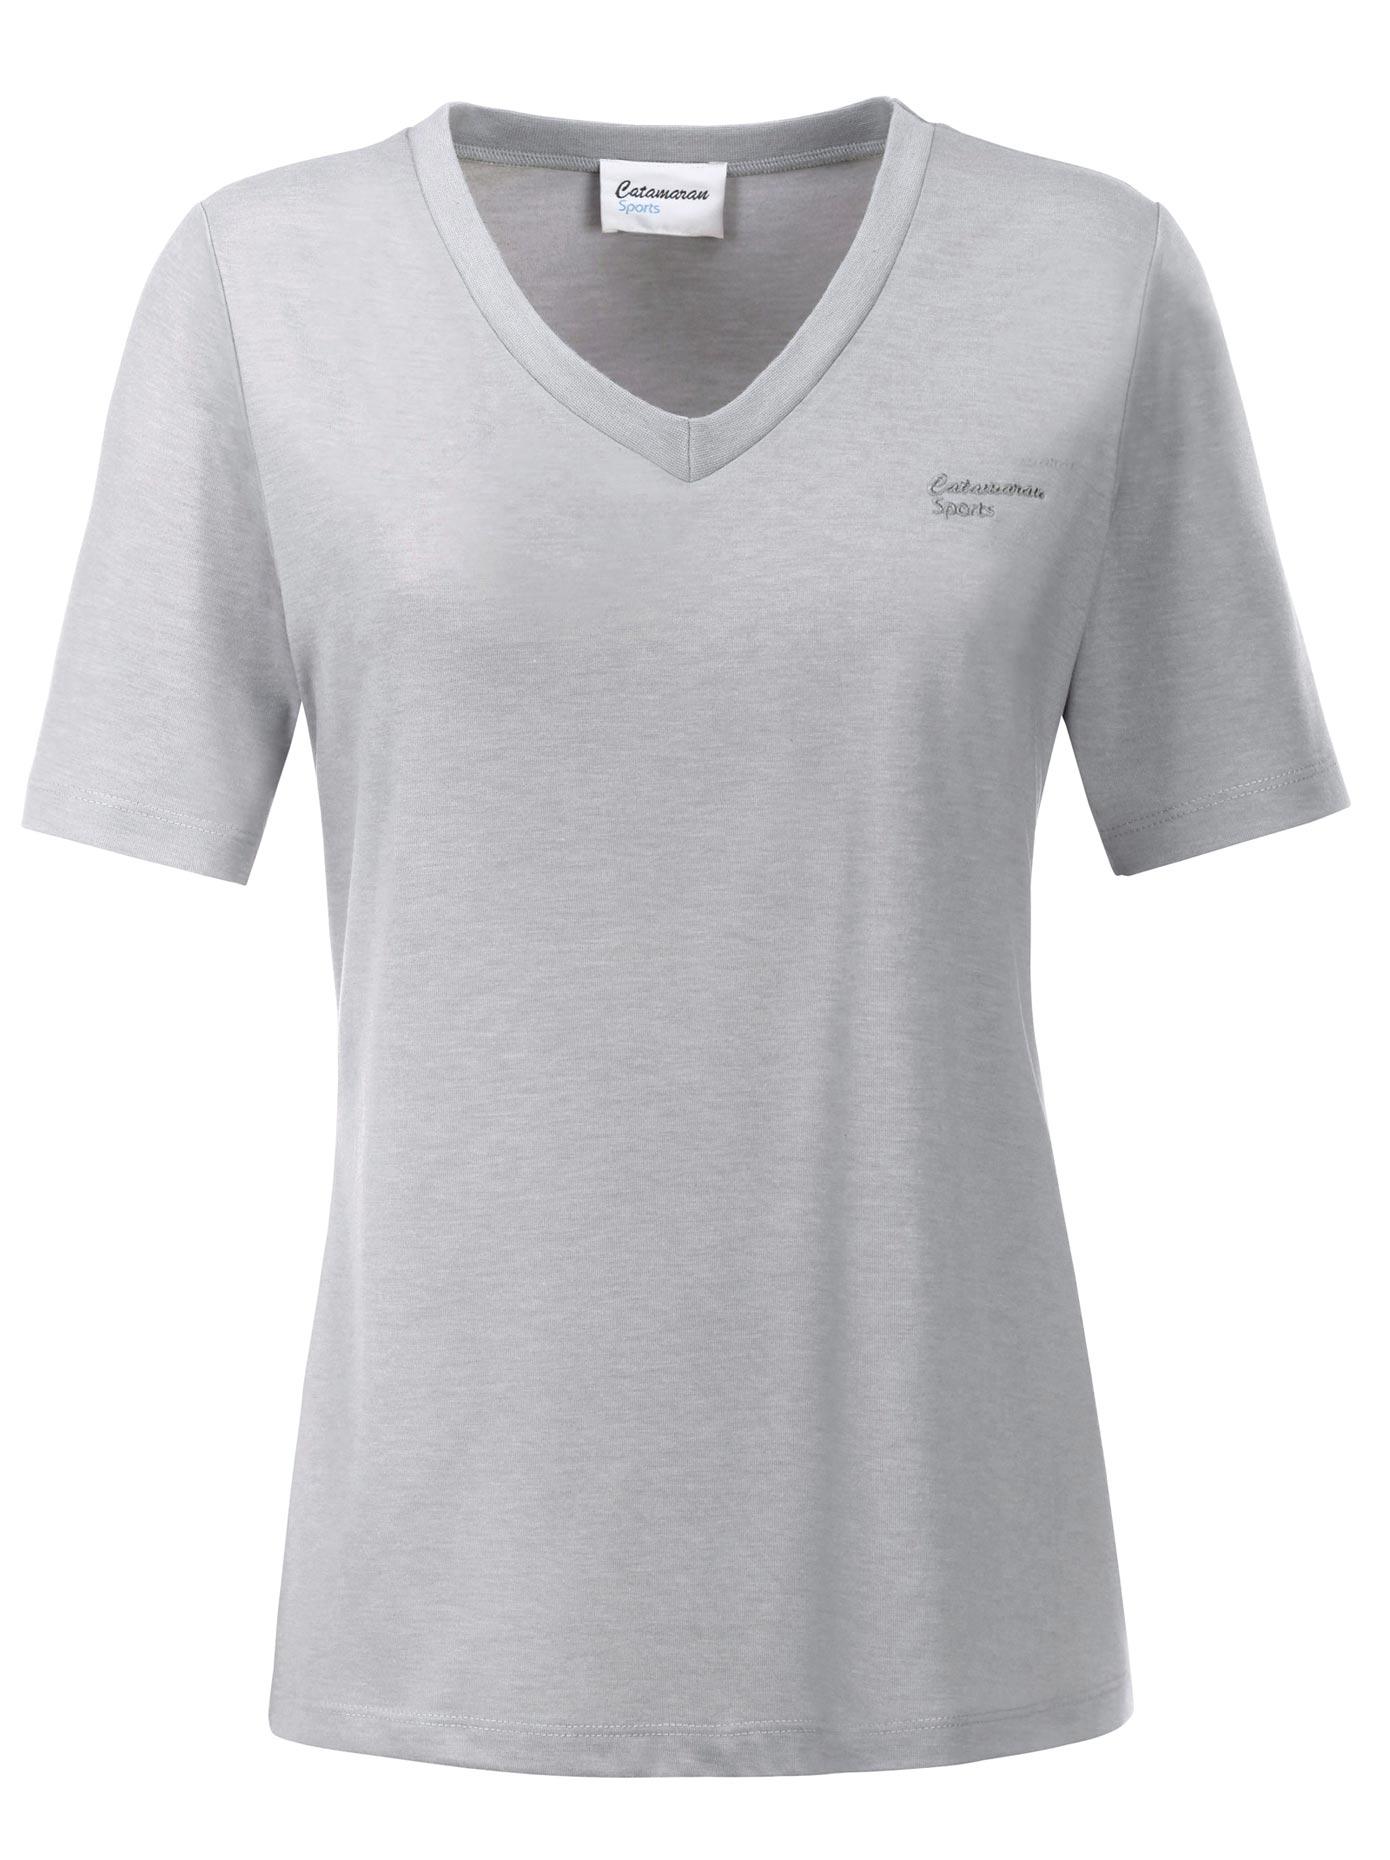 Catamaran Sportshirt in weich fließender Qualität | Sportbekleidung > Sportshirts | Grau | Catamaran